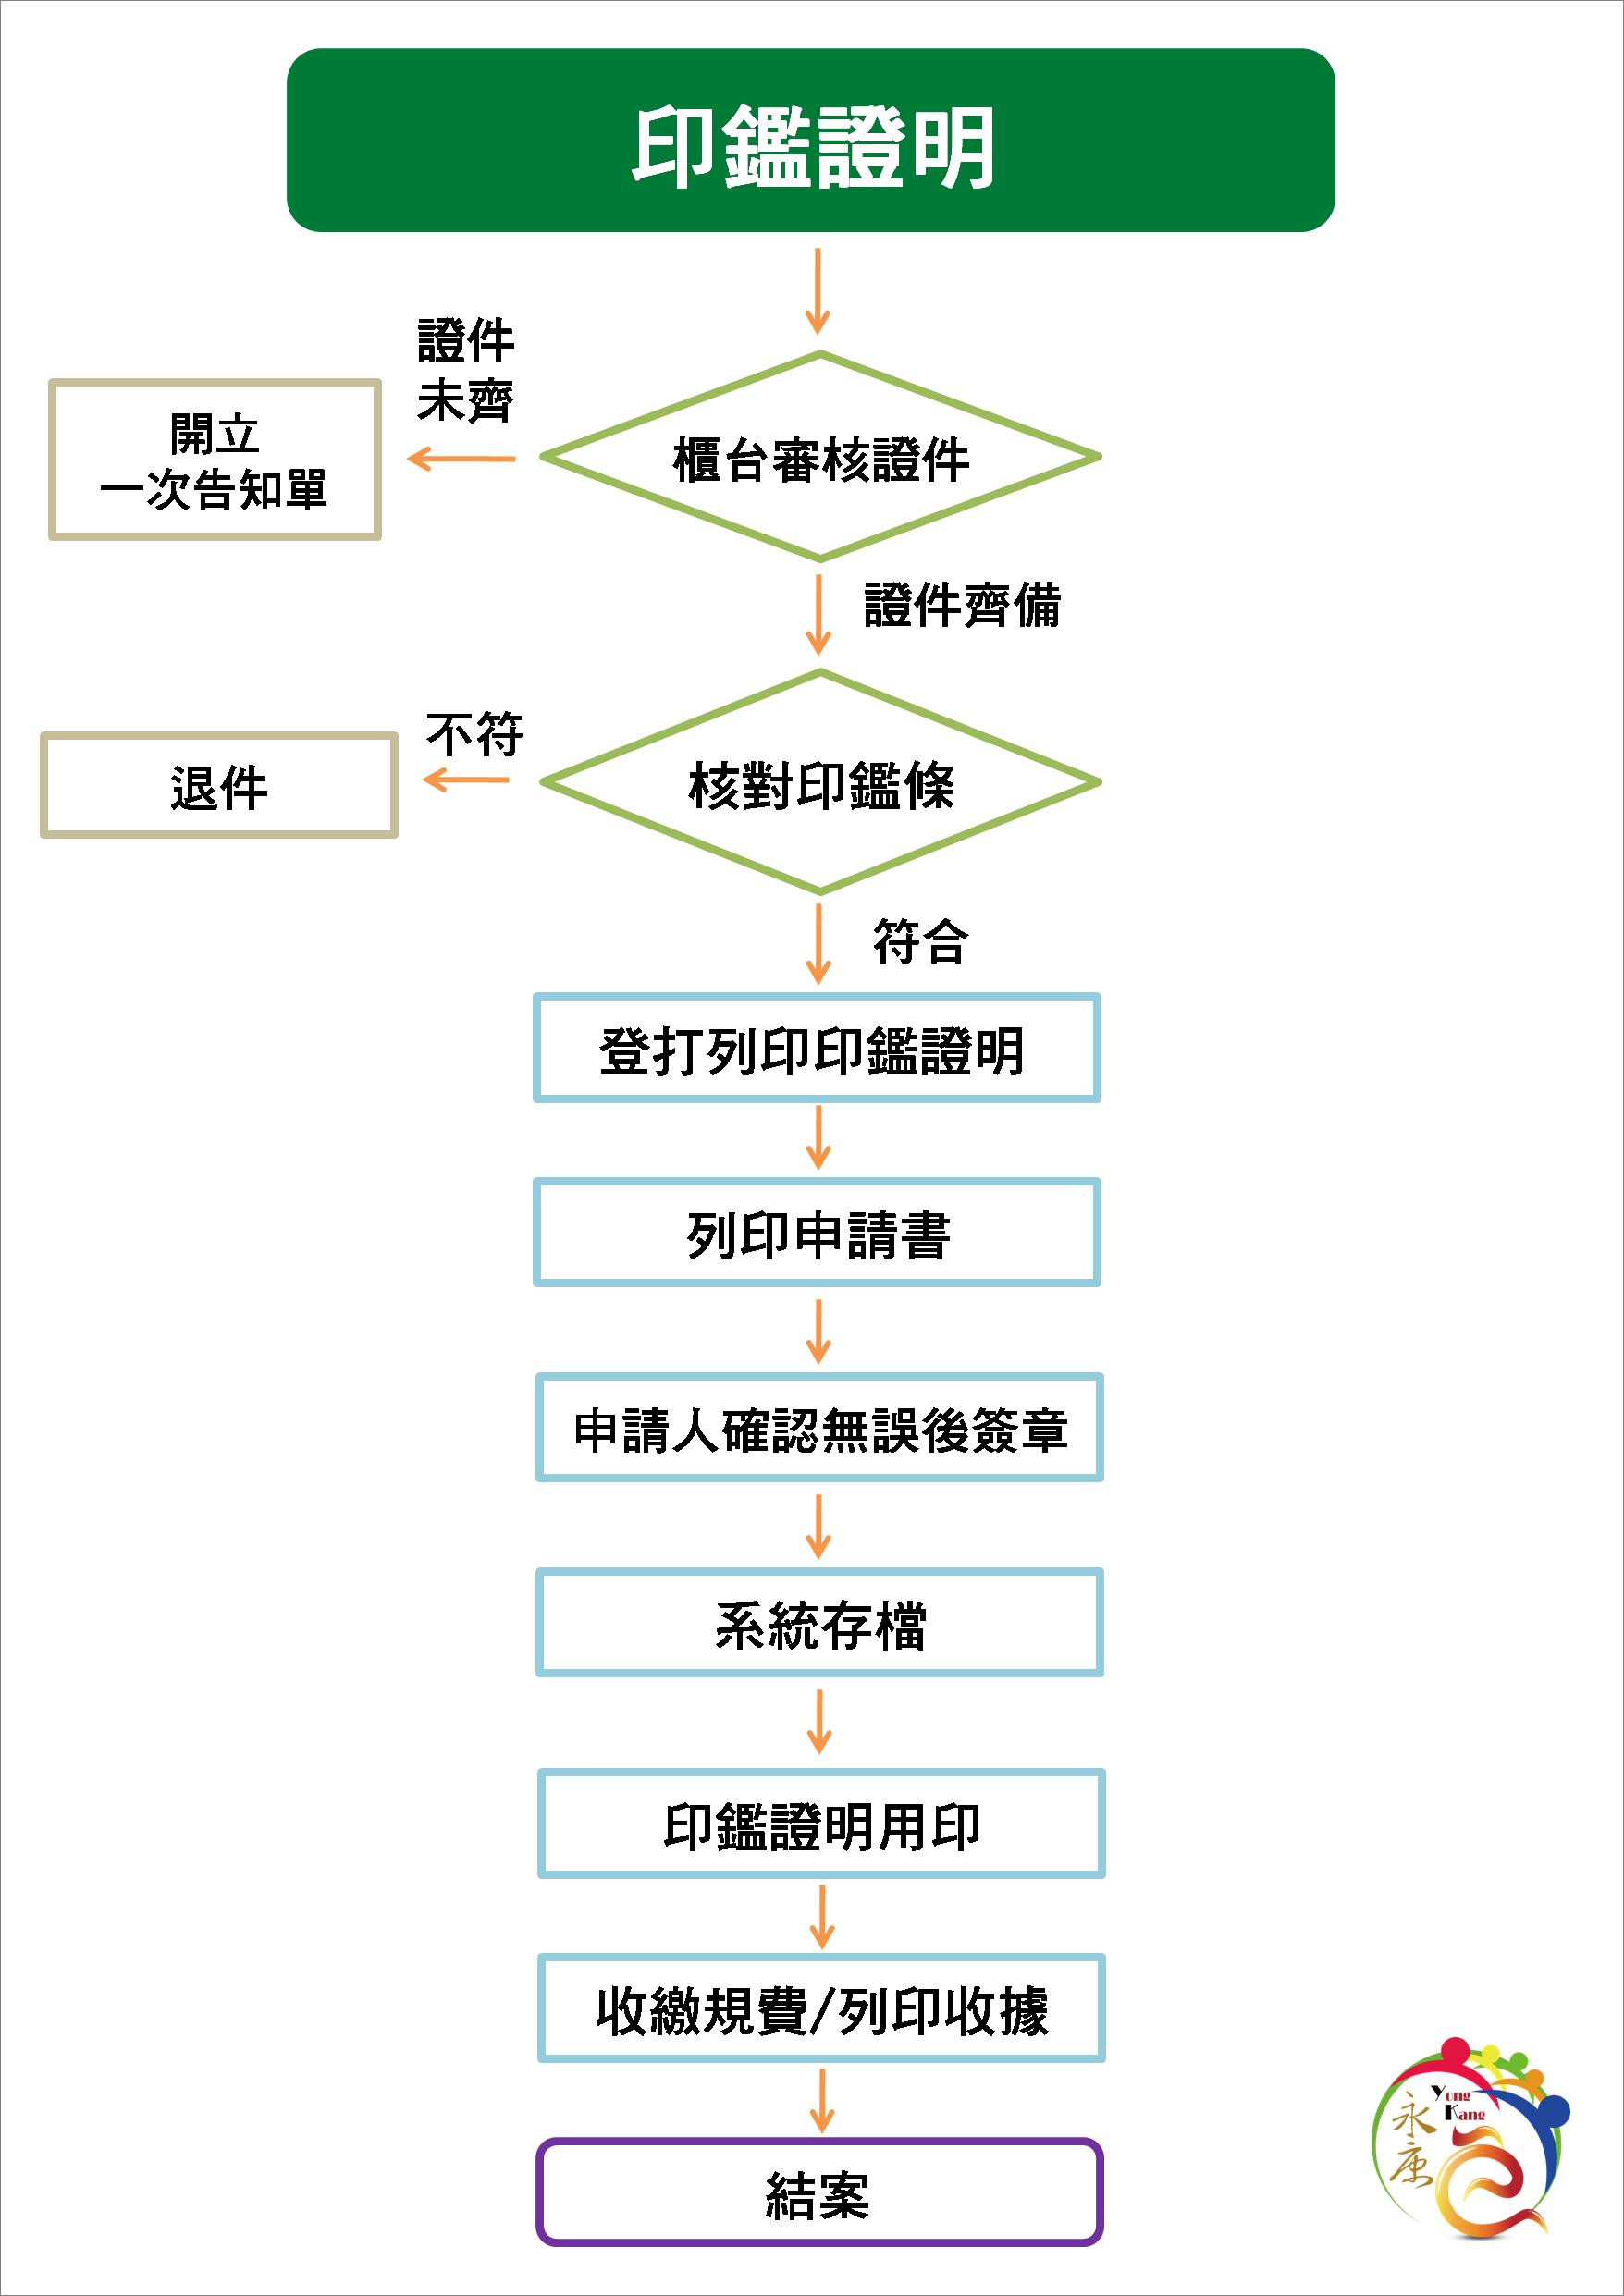 申請印鑑證明作業流程圖